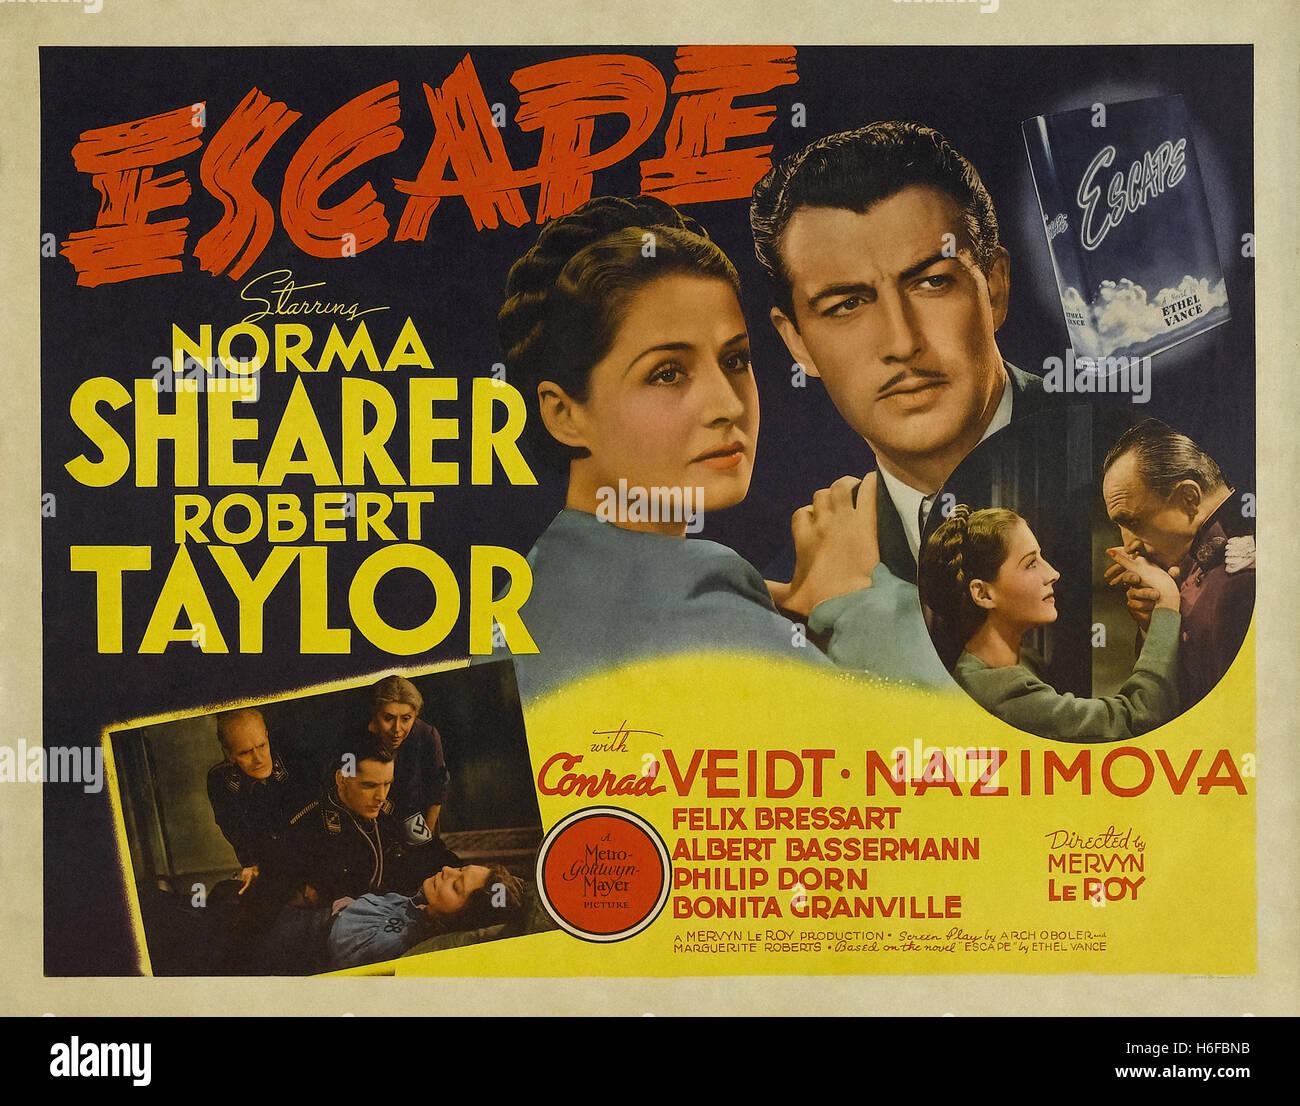 Escape (1940) - Movie Poster - - Stock Image